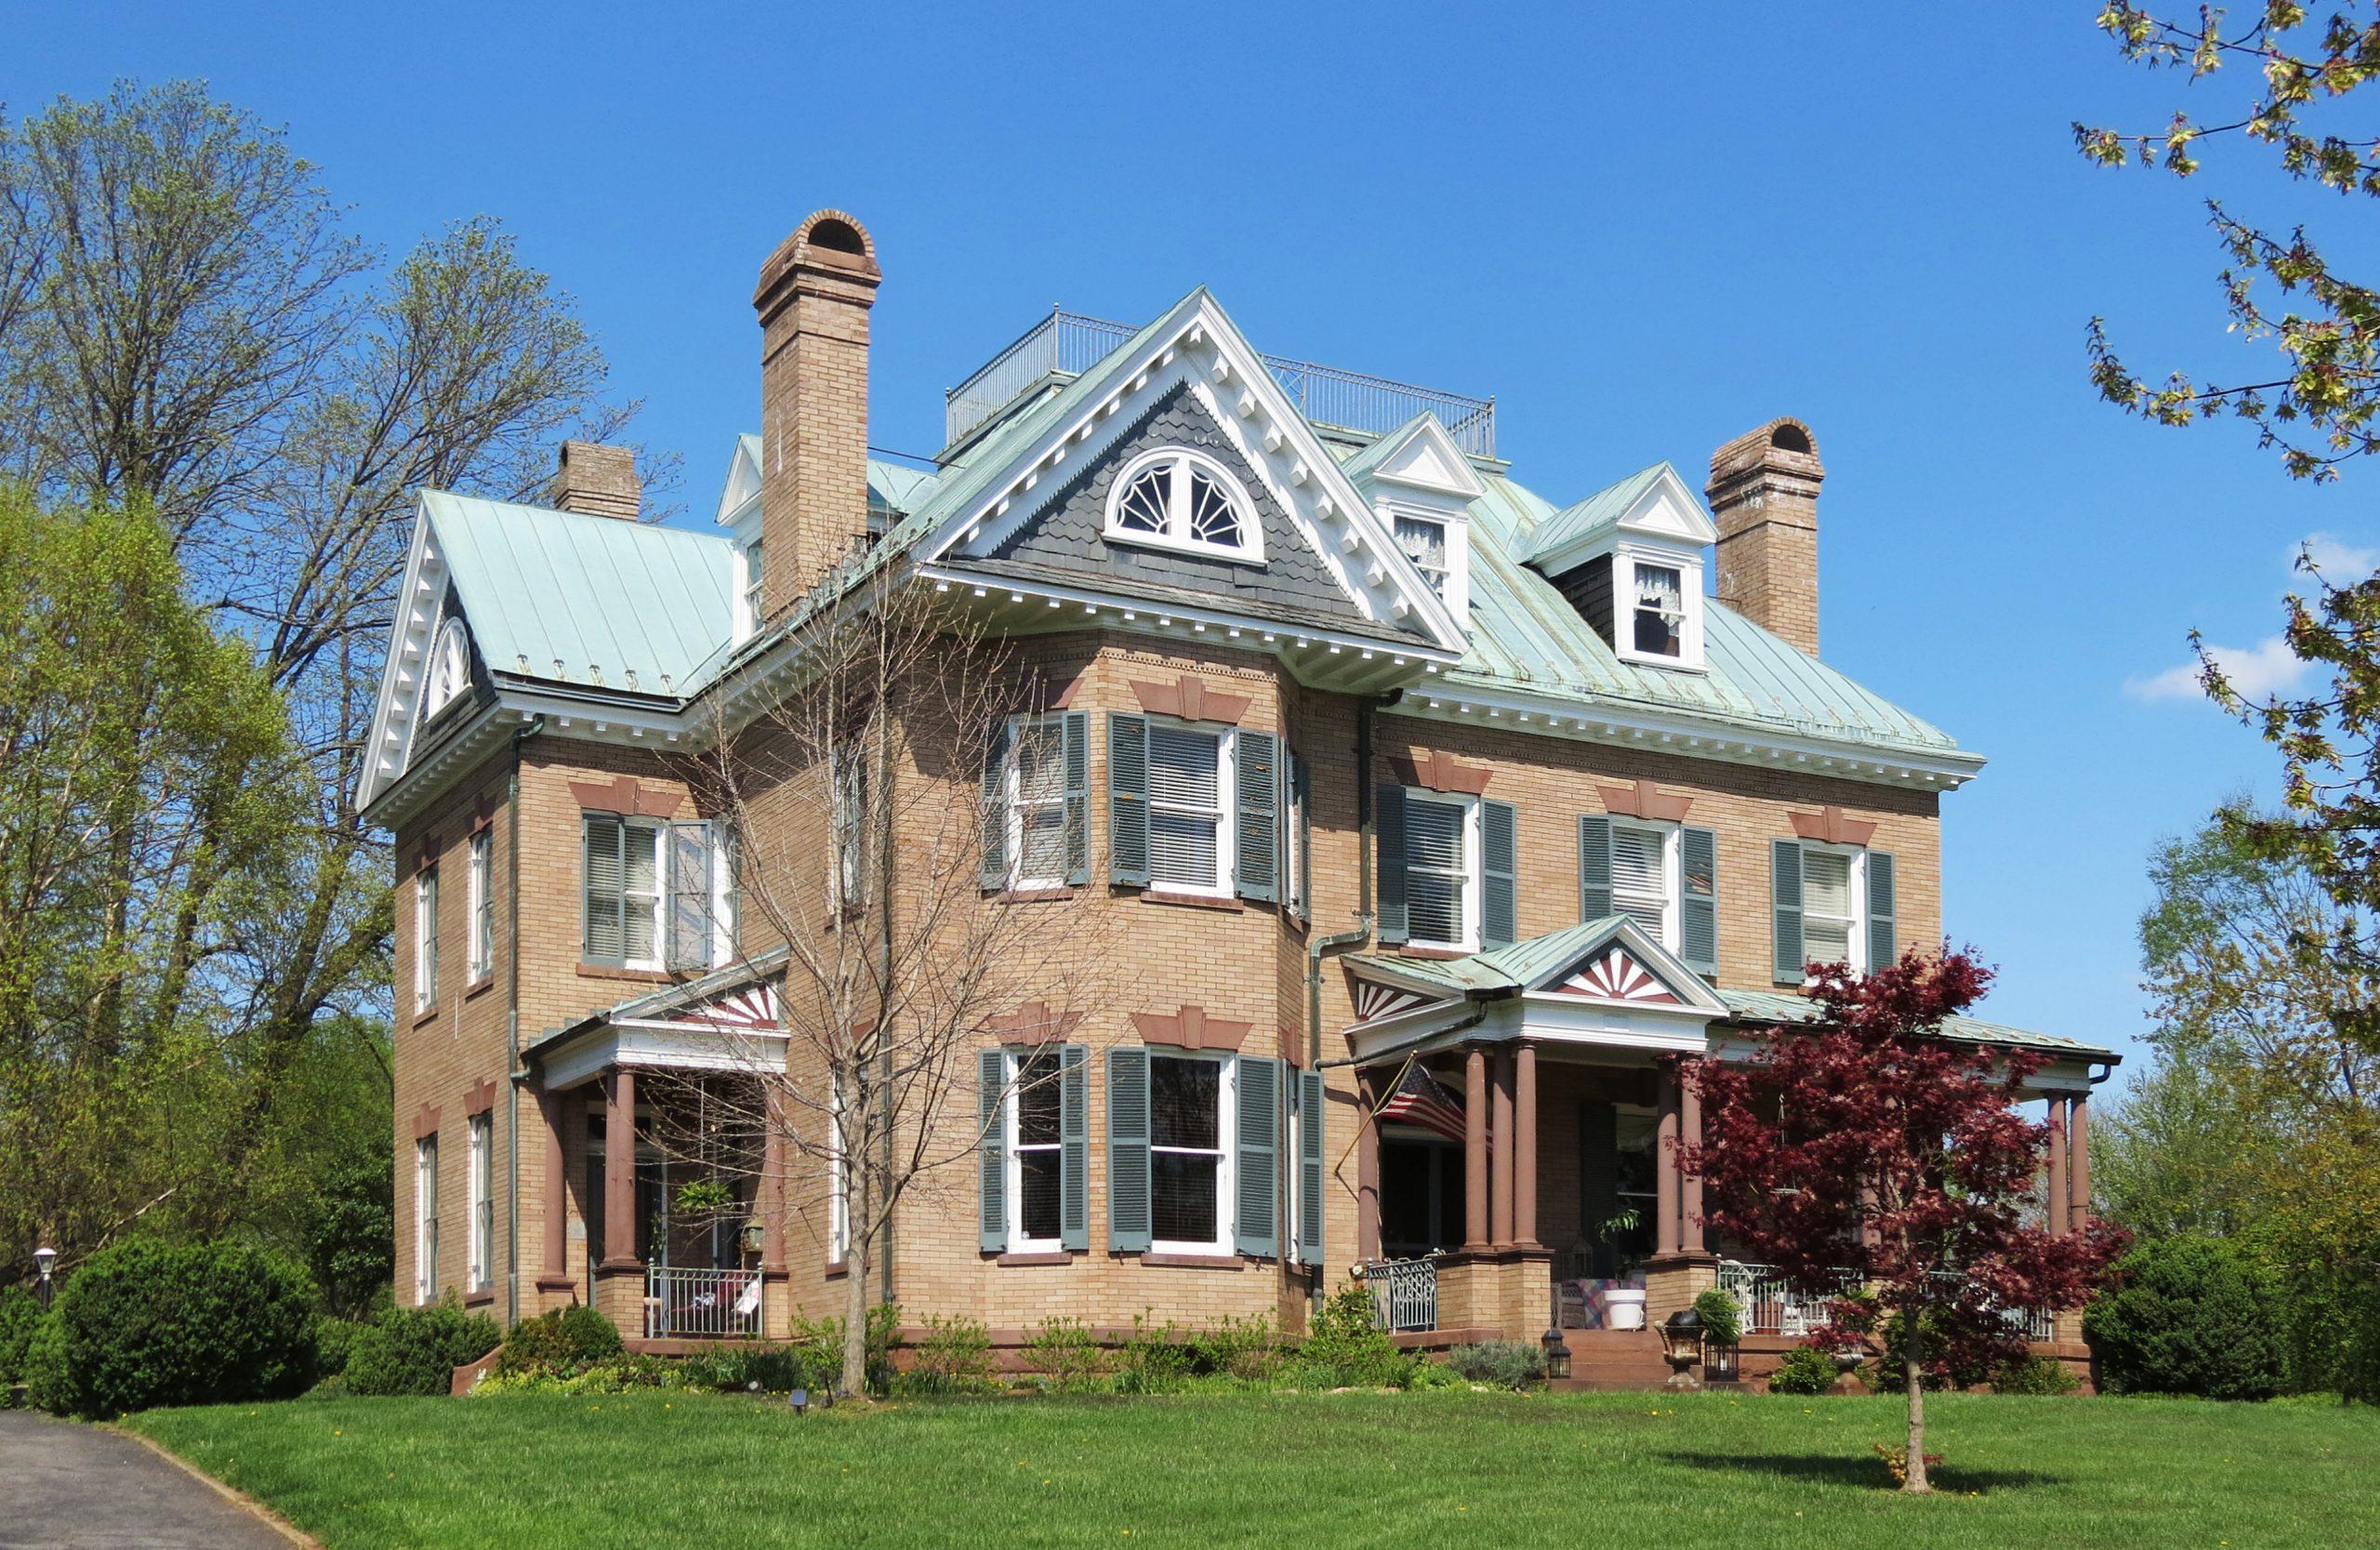 Edward Nichols House